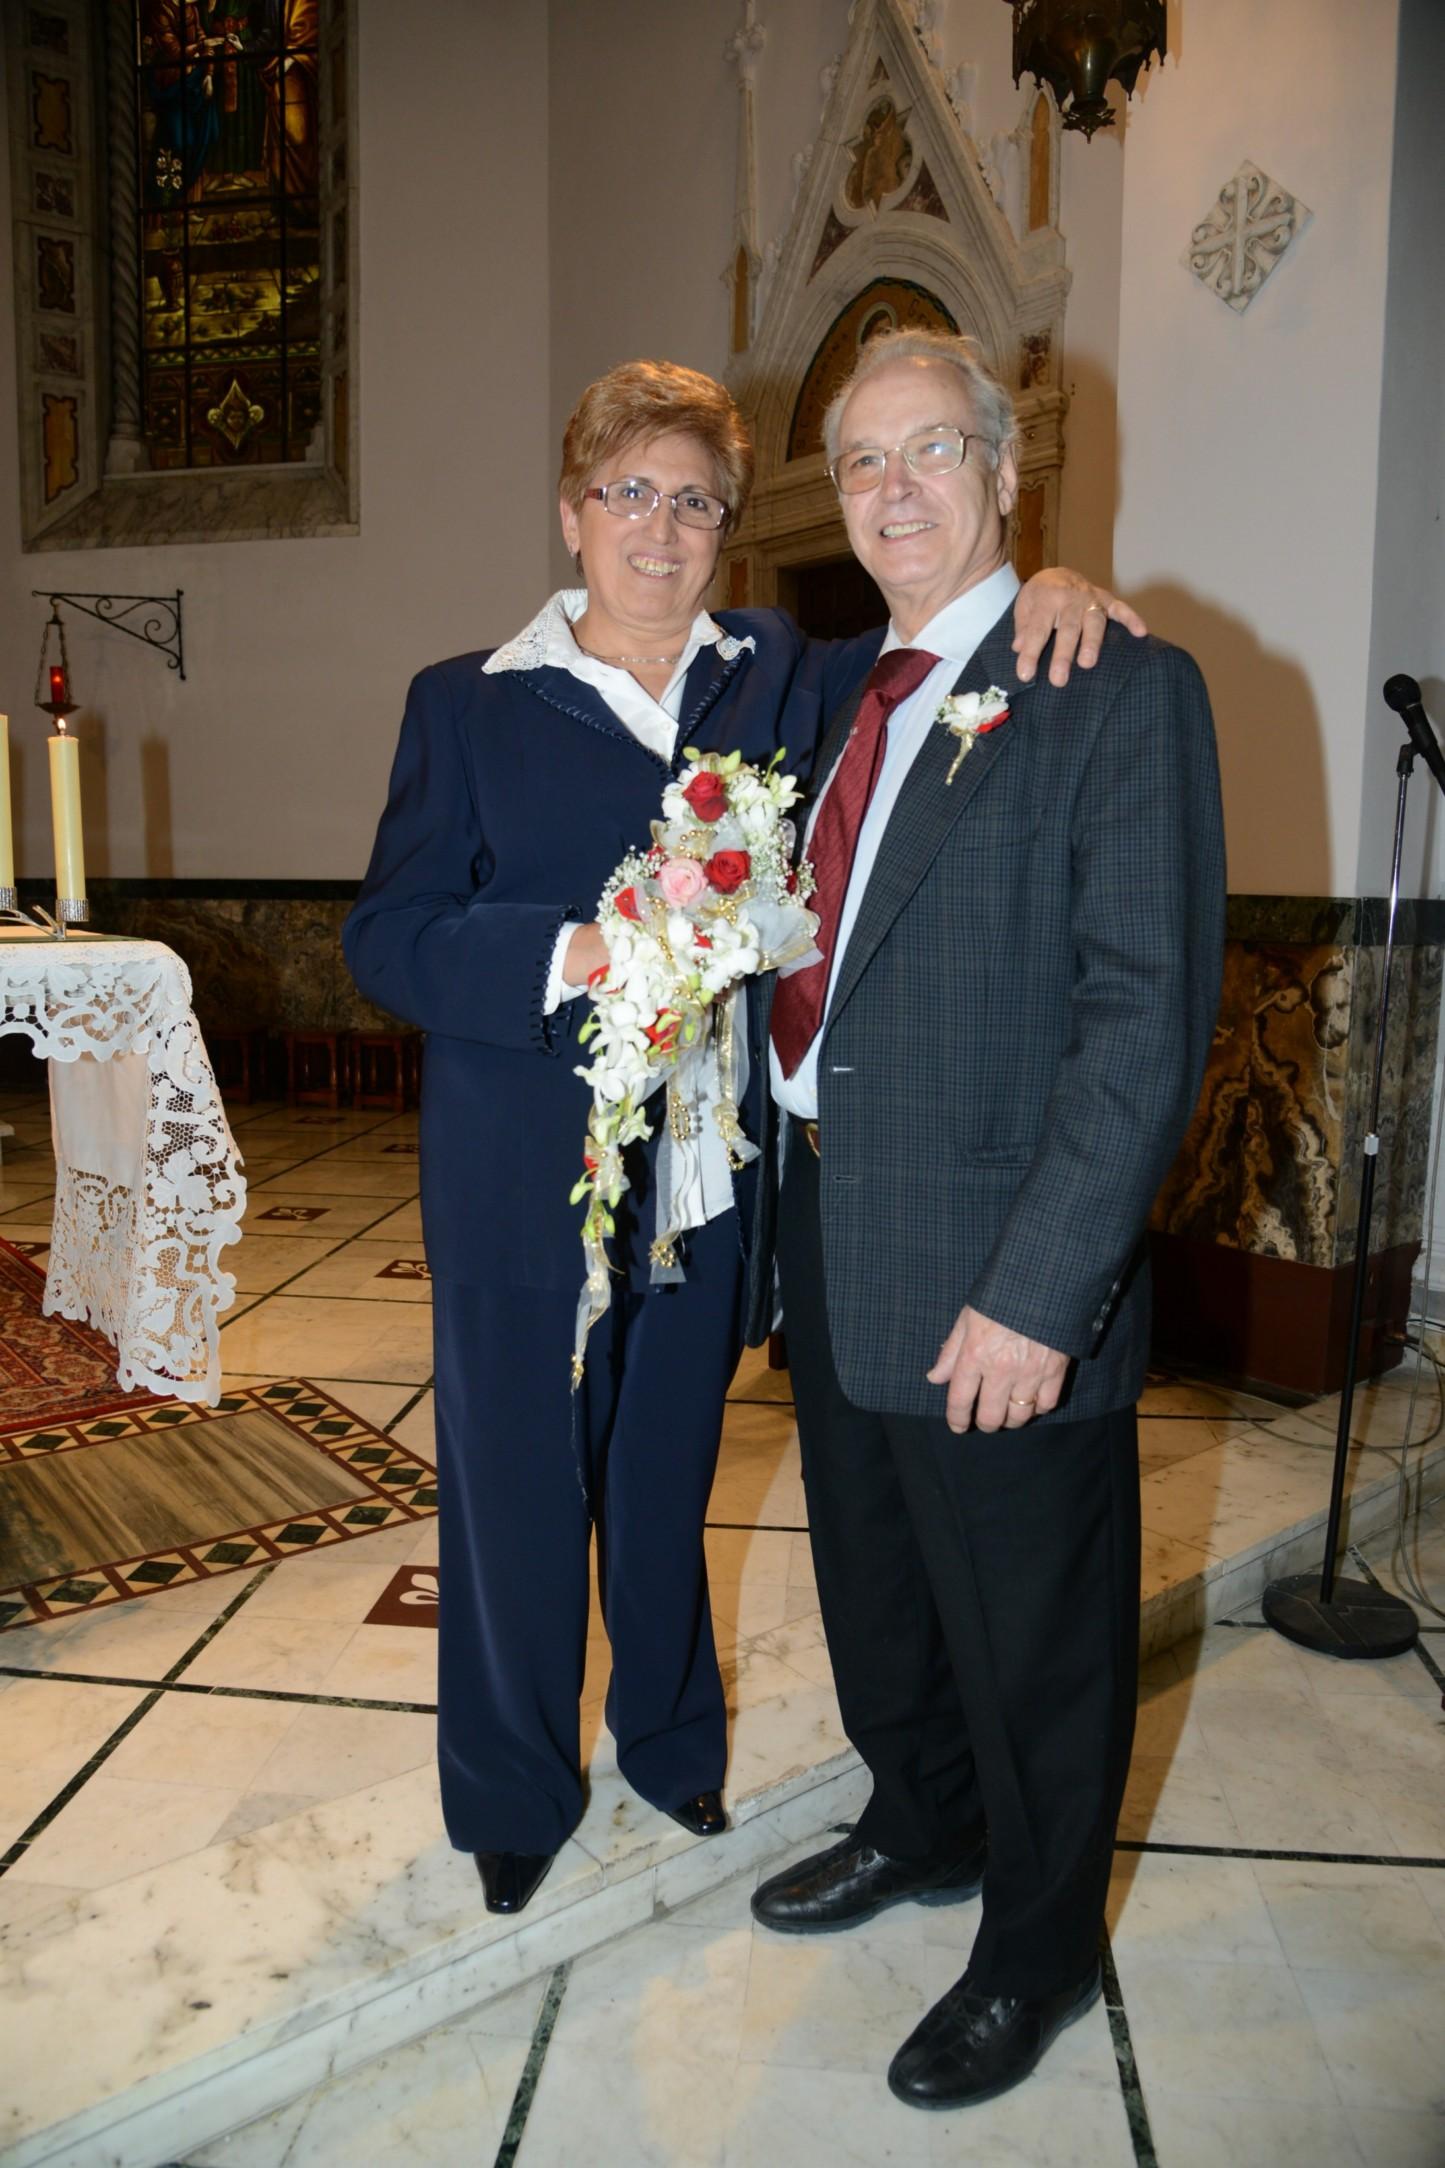 anniversari_matrimonio-2013-06-02-13-31-38